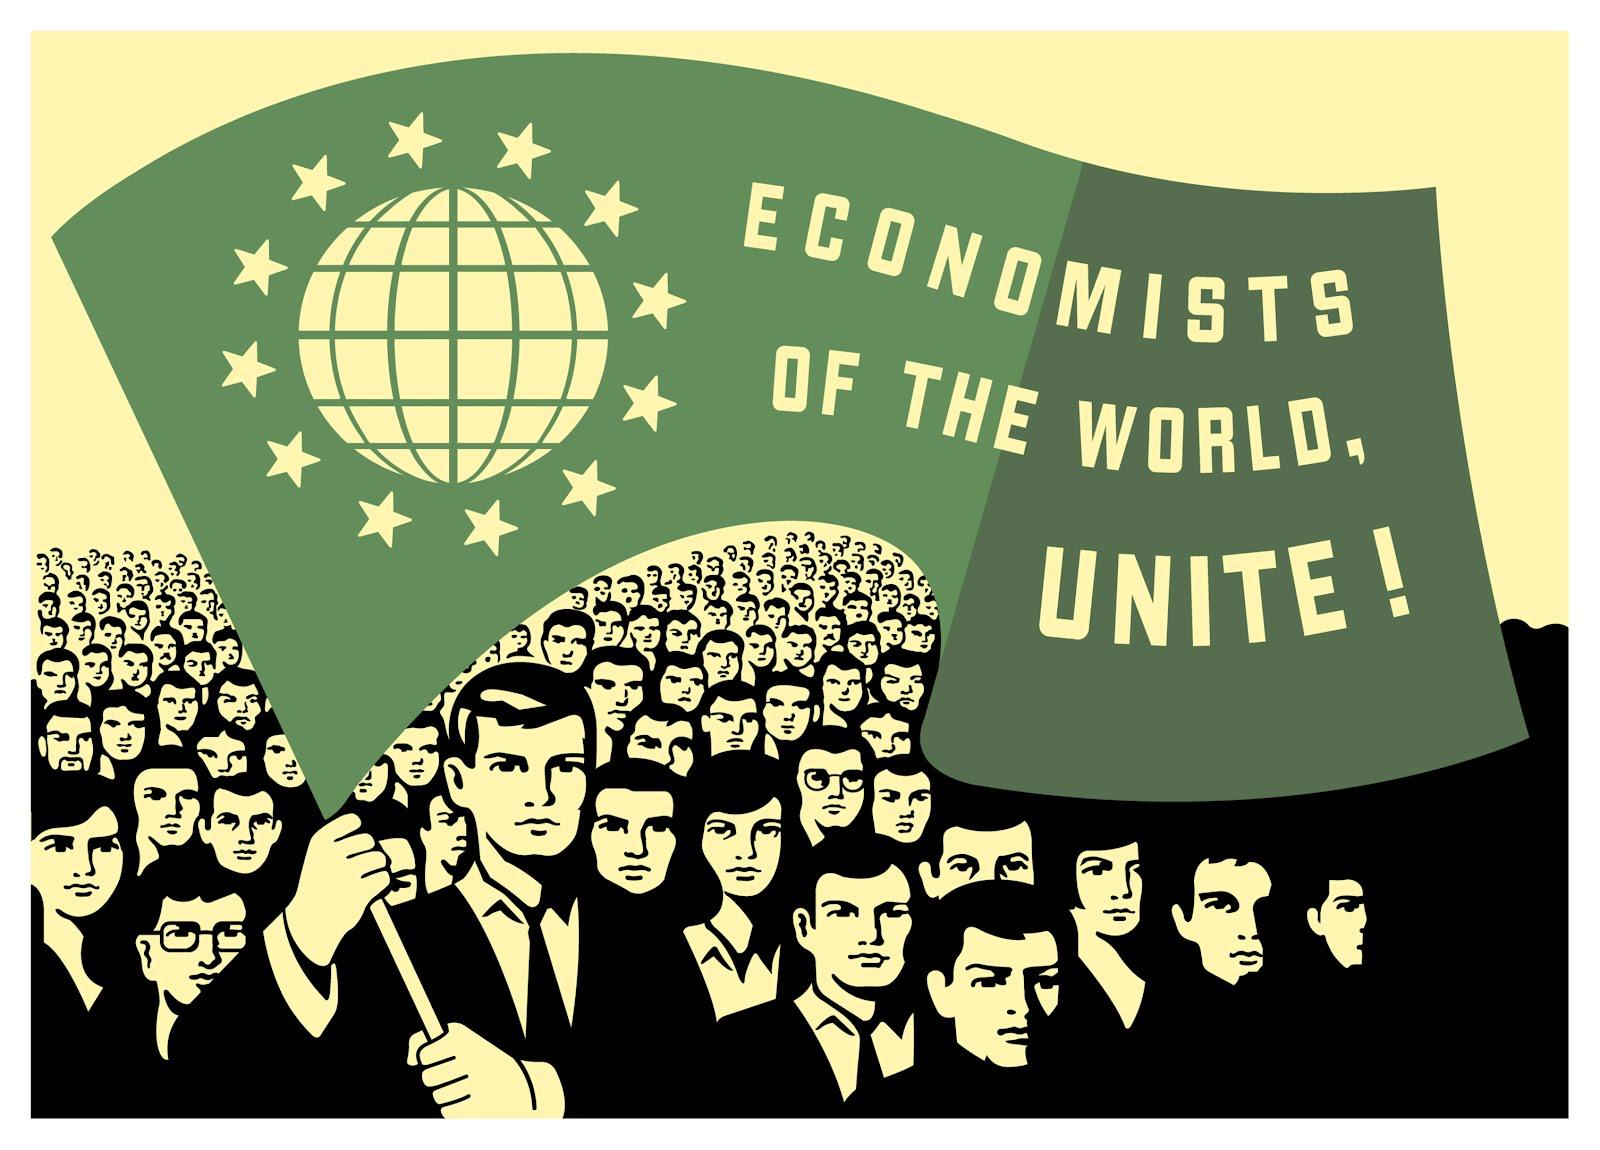 哪些中国学者在国际经济学界最引人瞩目?为什么?